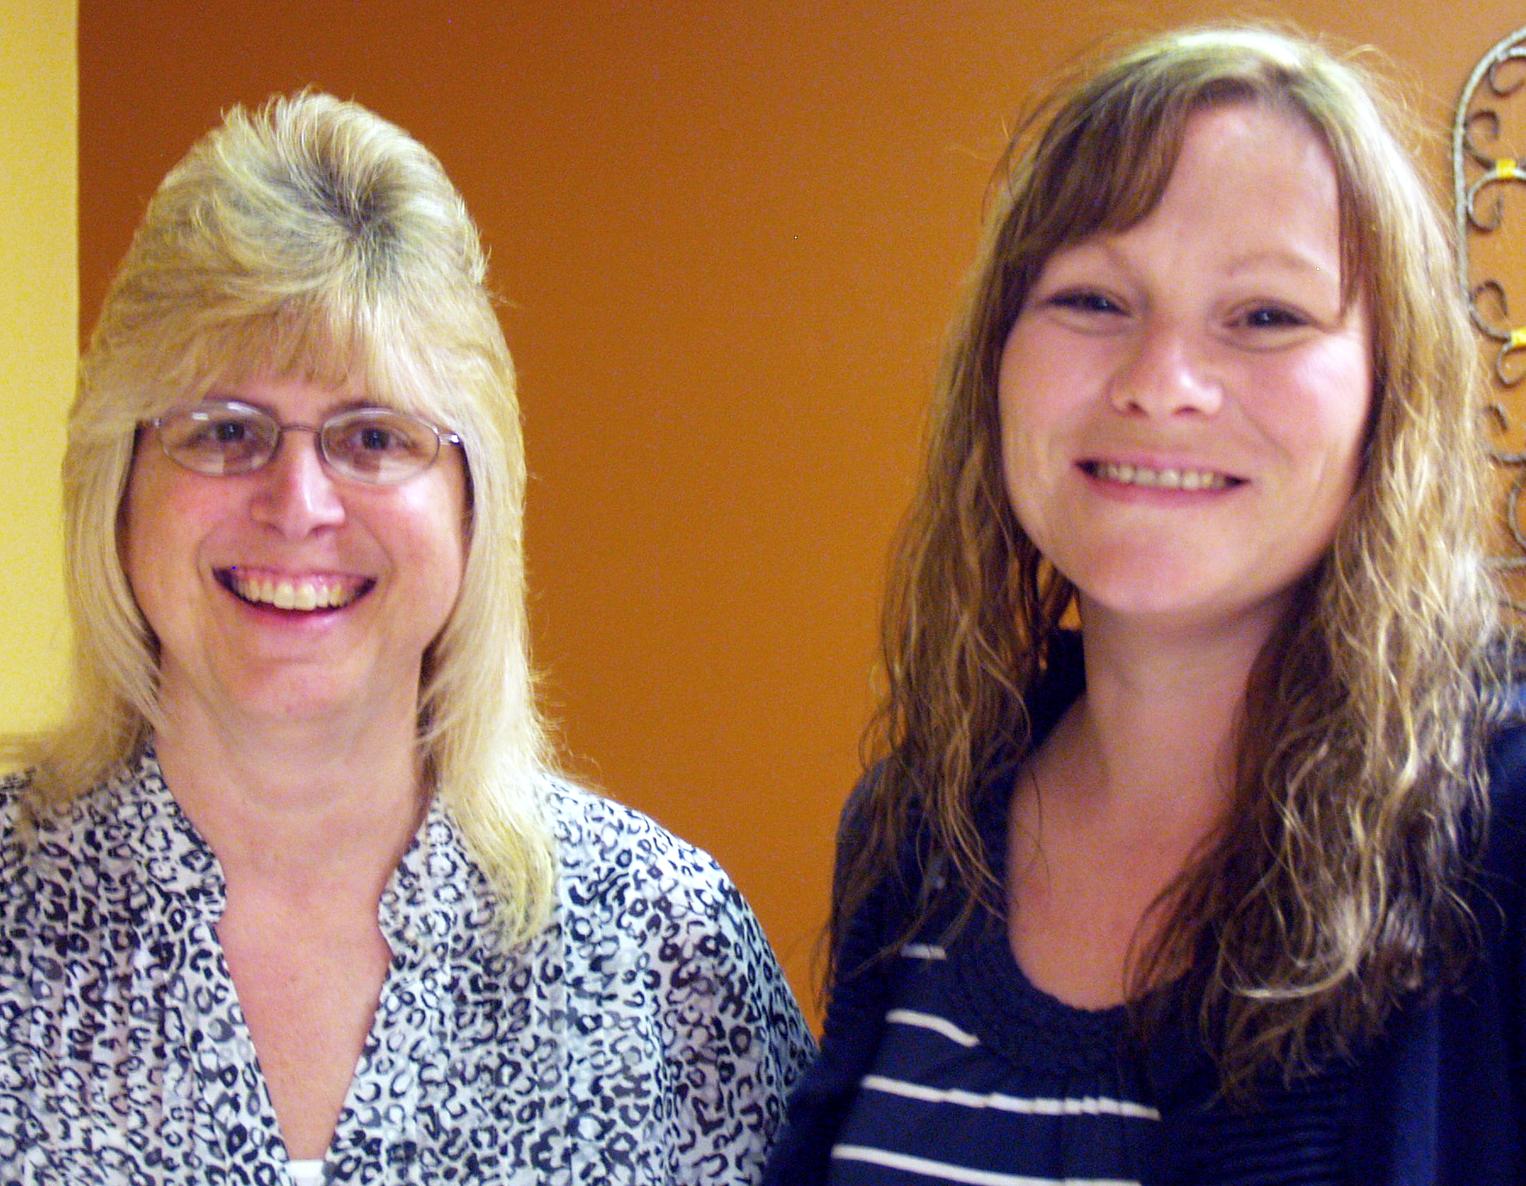 minnie hamilton nursing team selected to present national sandra ellis left and leann newell